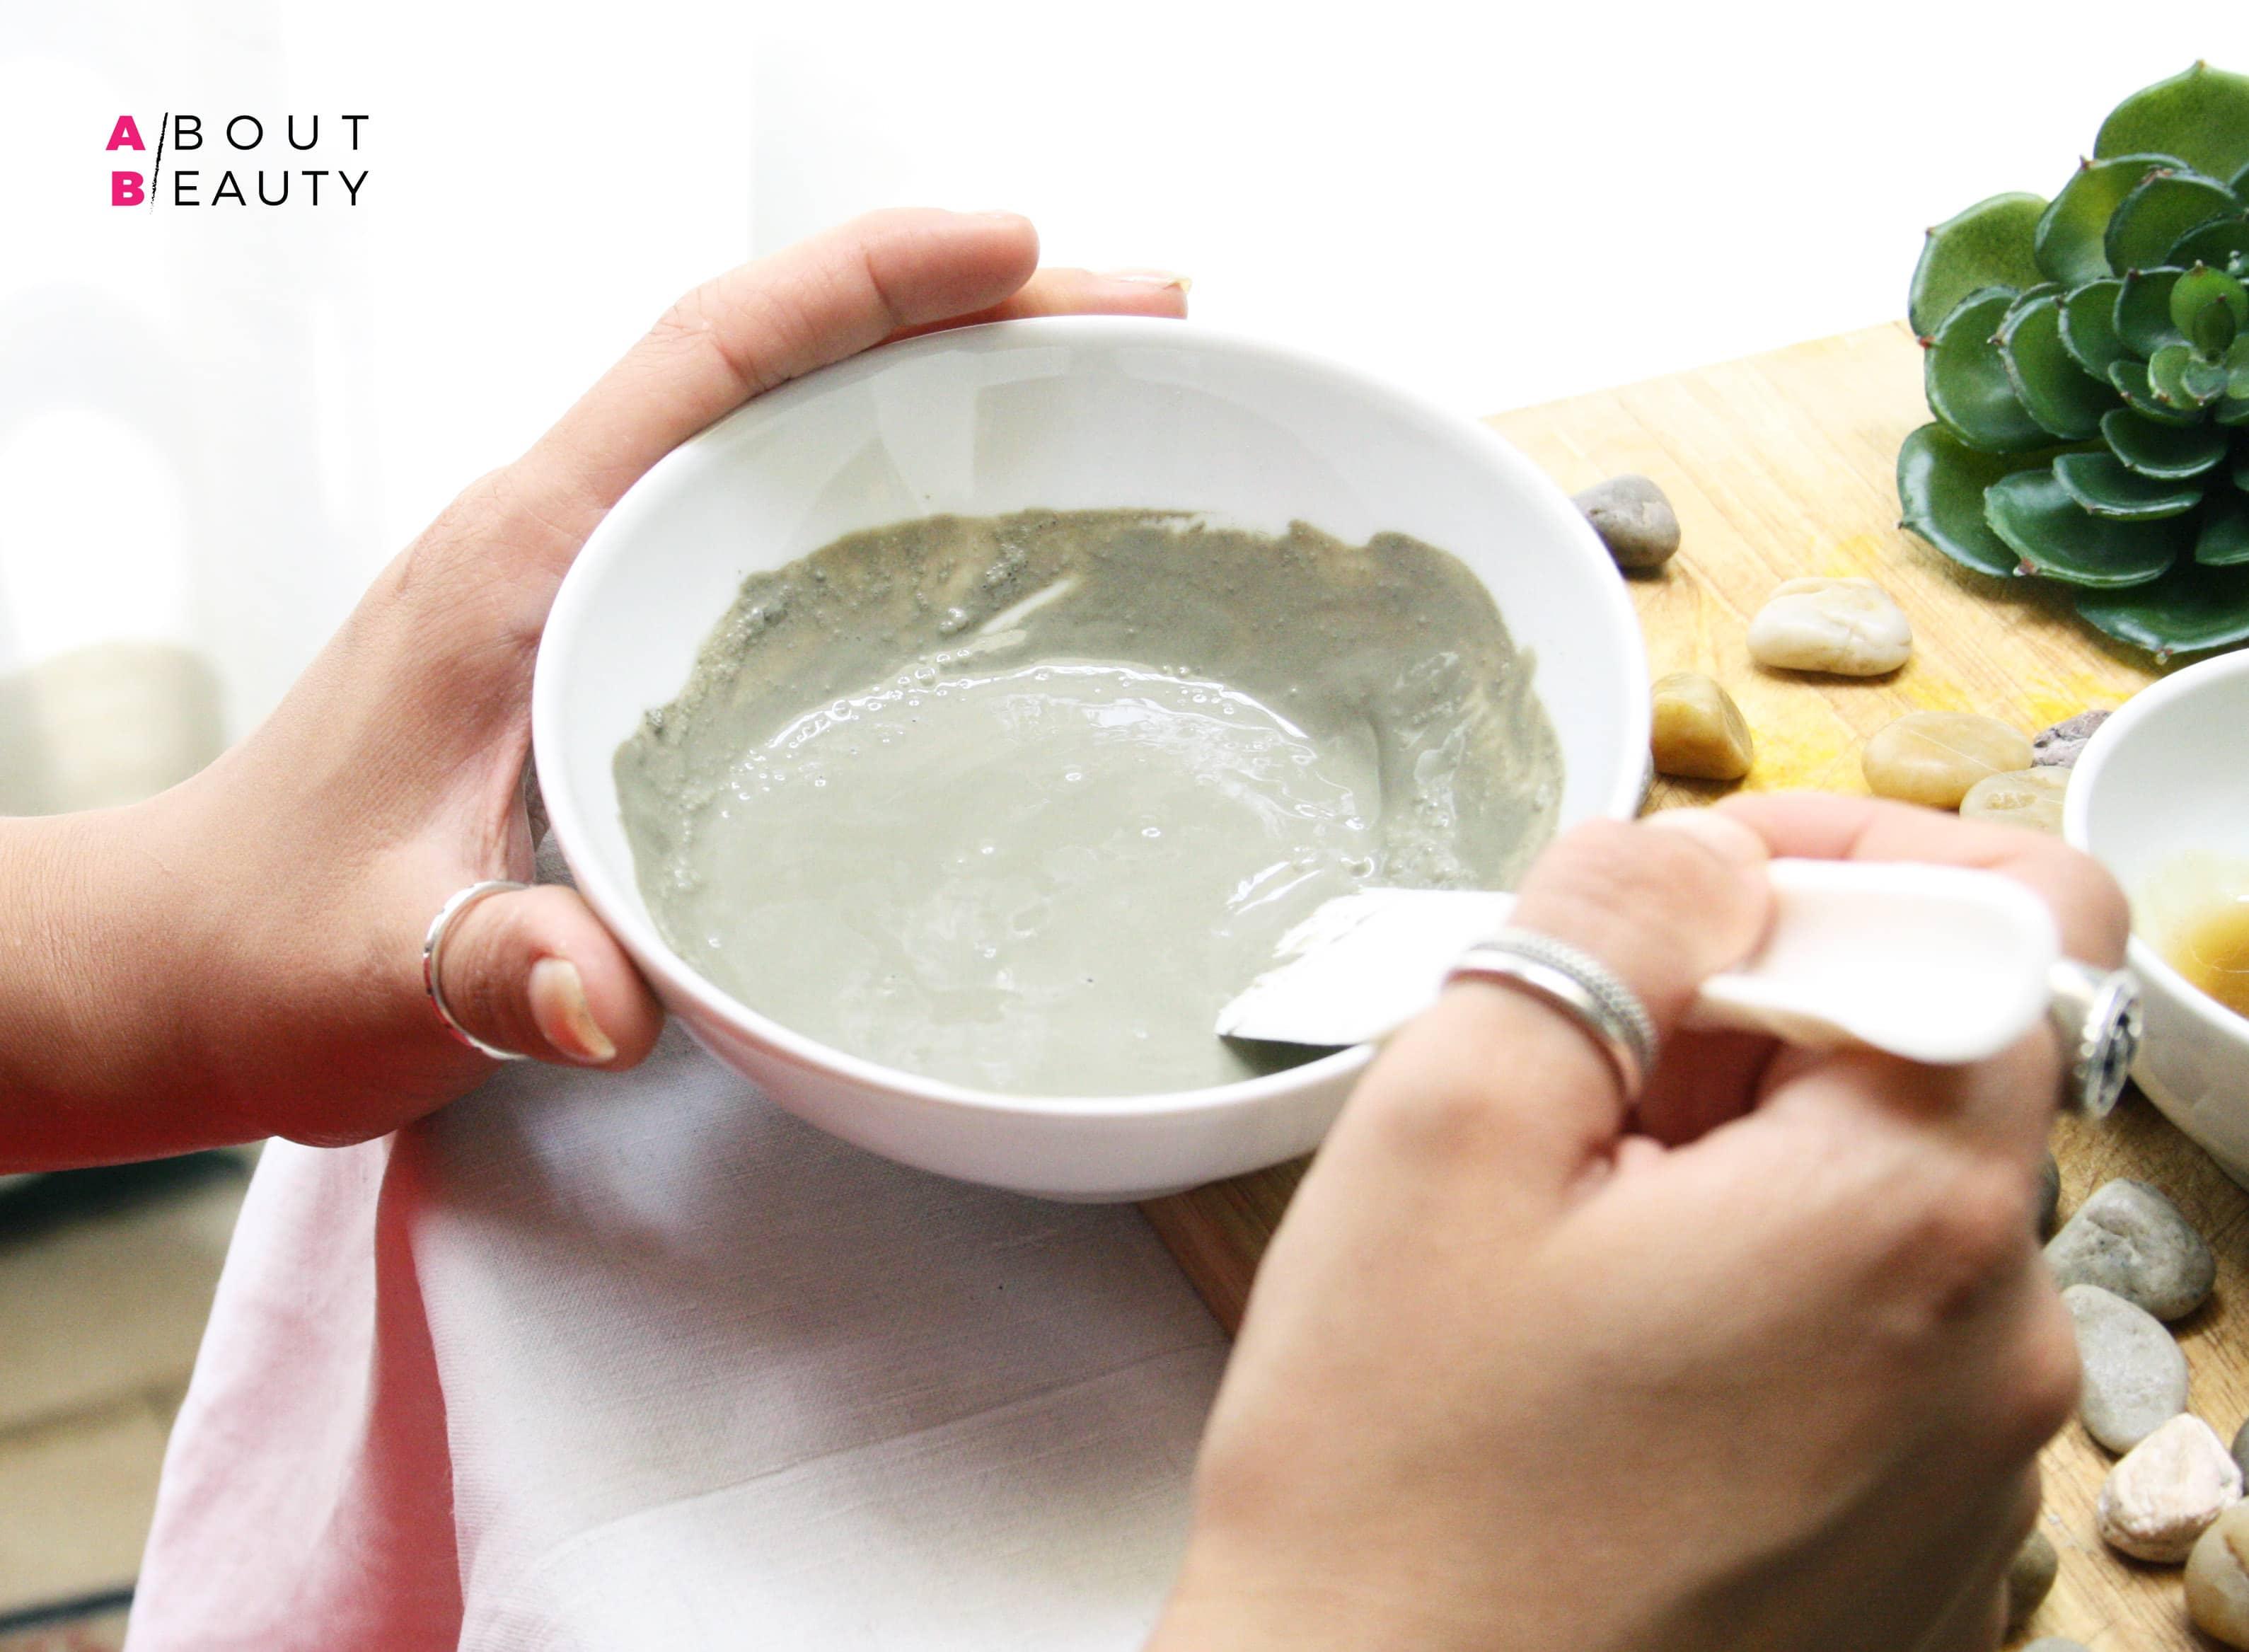 Maschera all'argilla verde purificante, la ricetta fai da te semplice, veloce ed economica per le pelli grasse e impure